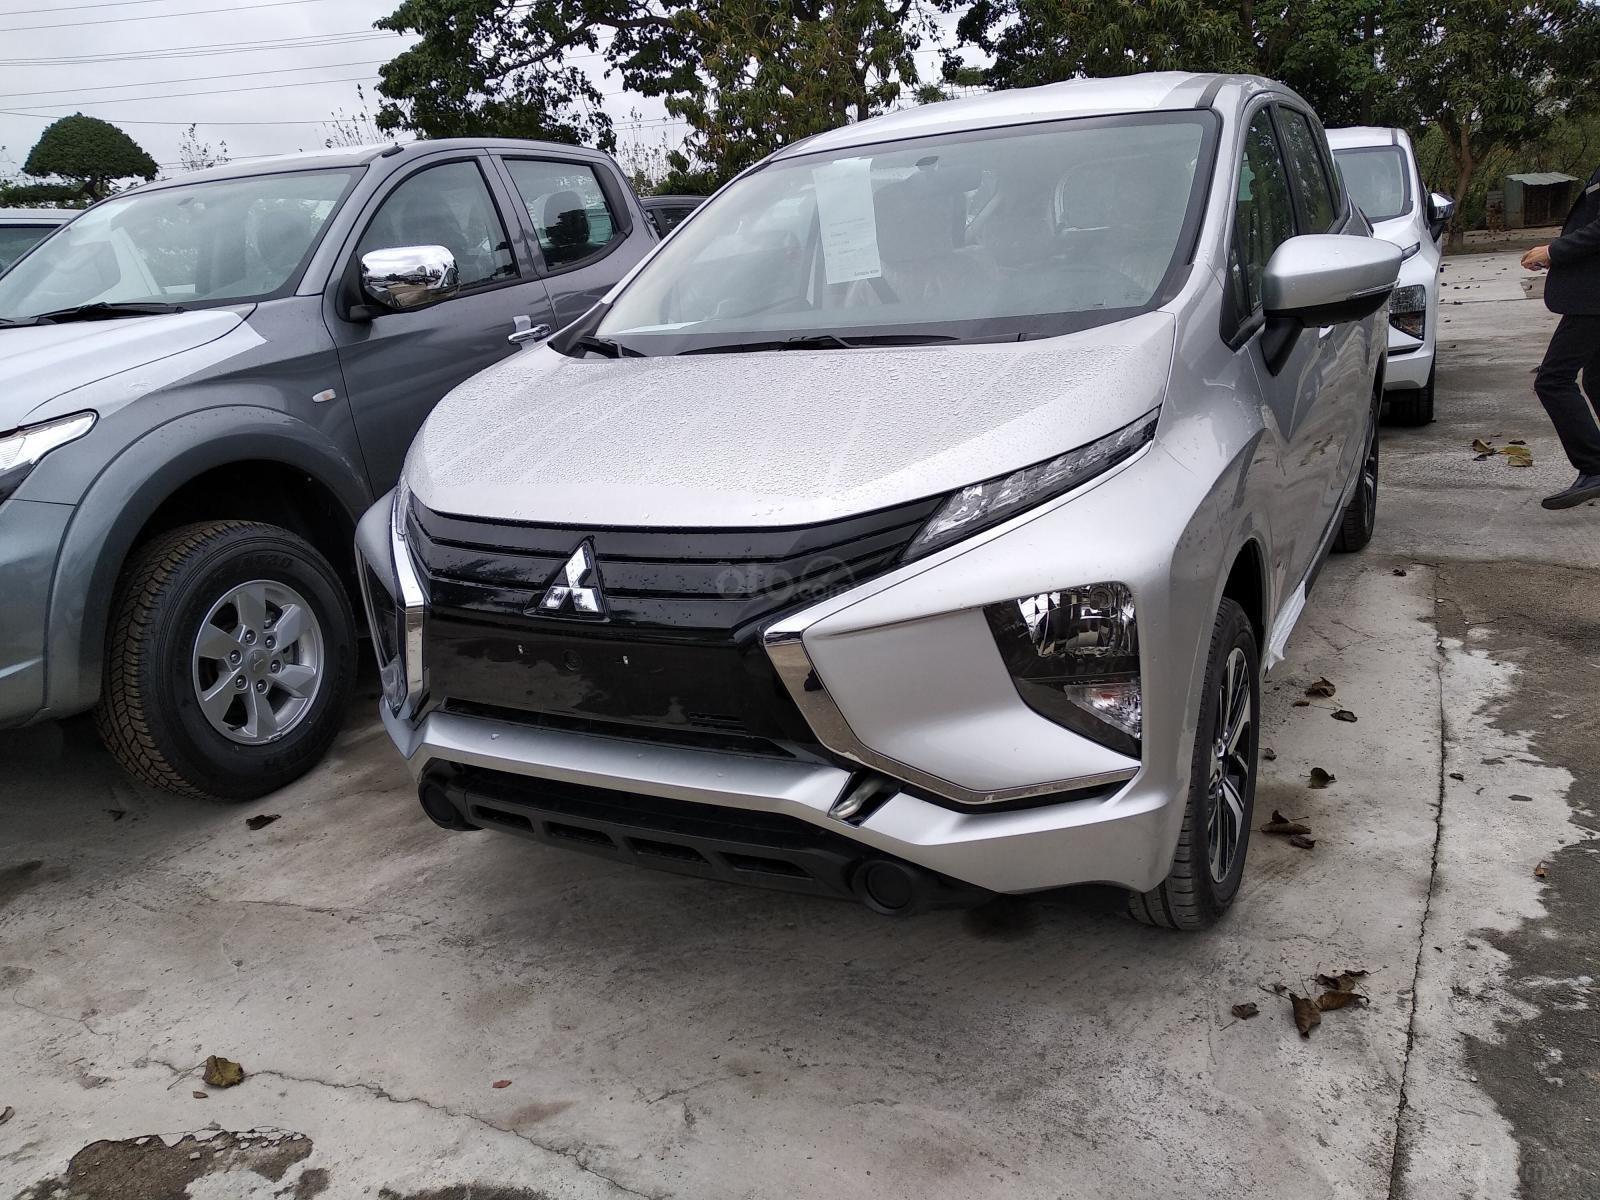 Bán xe Mitsubishi Xpander trả góp, khuyến mãi, giá tốt (7)